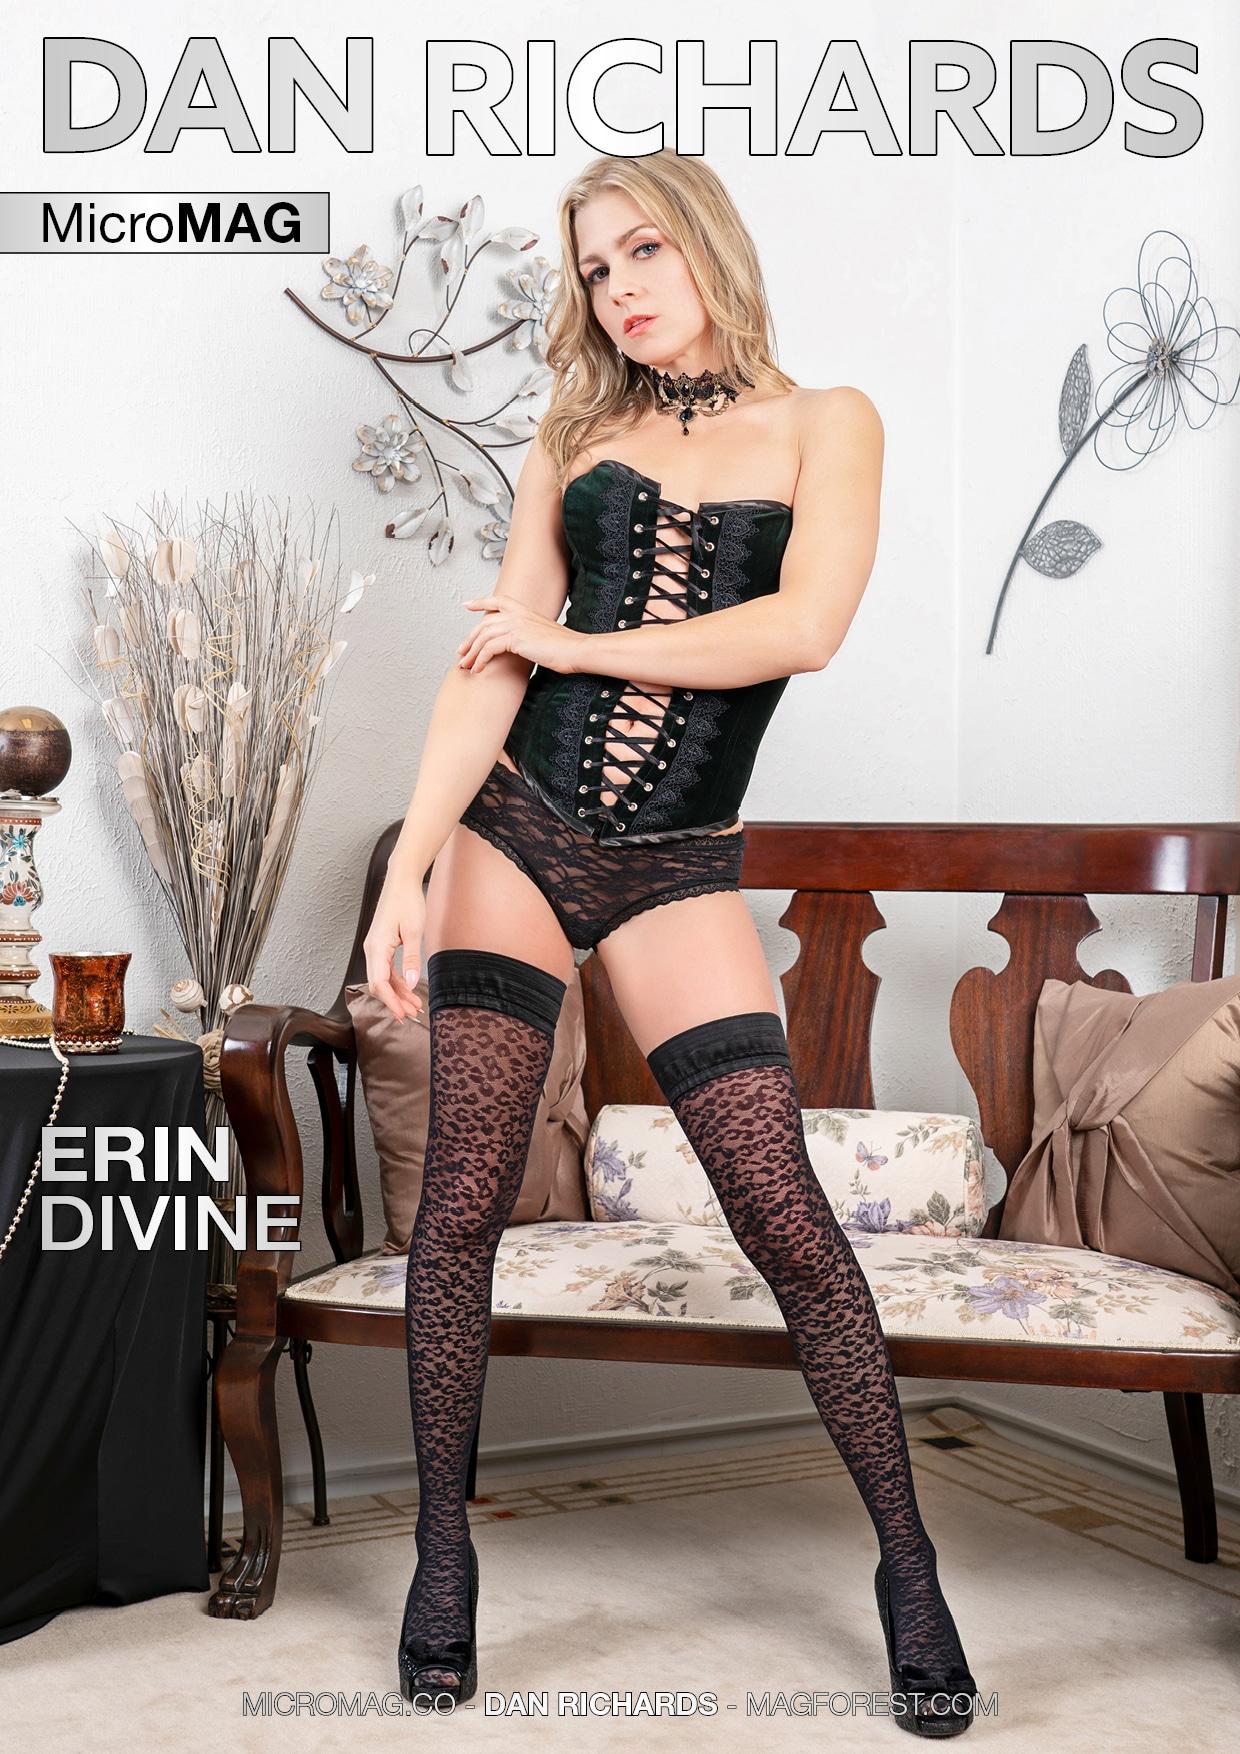 Dan Richards Micromag – Erin Divine